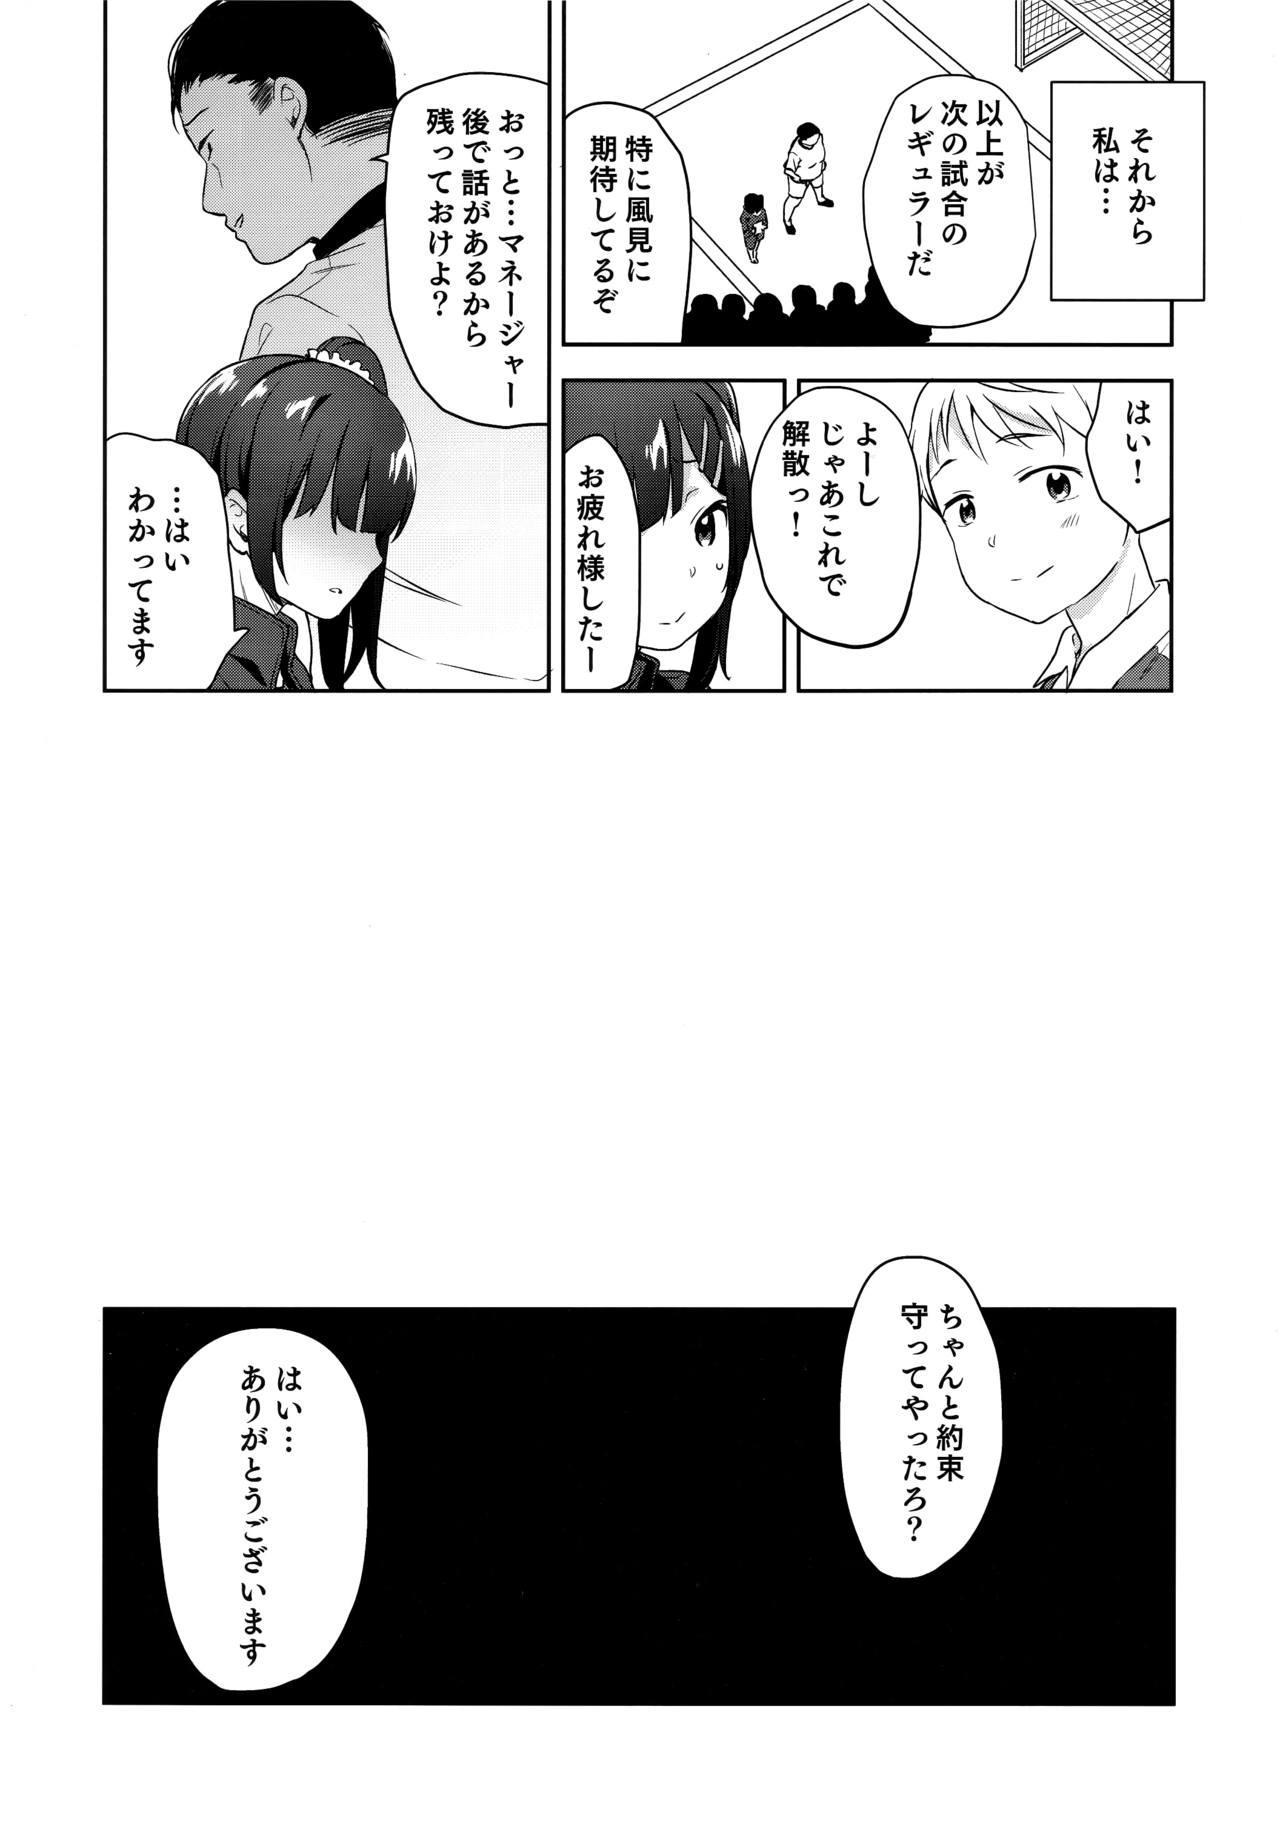 Koisuru shoujo wa Coach ni netorareru ― zenpen 28